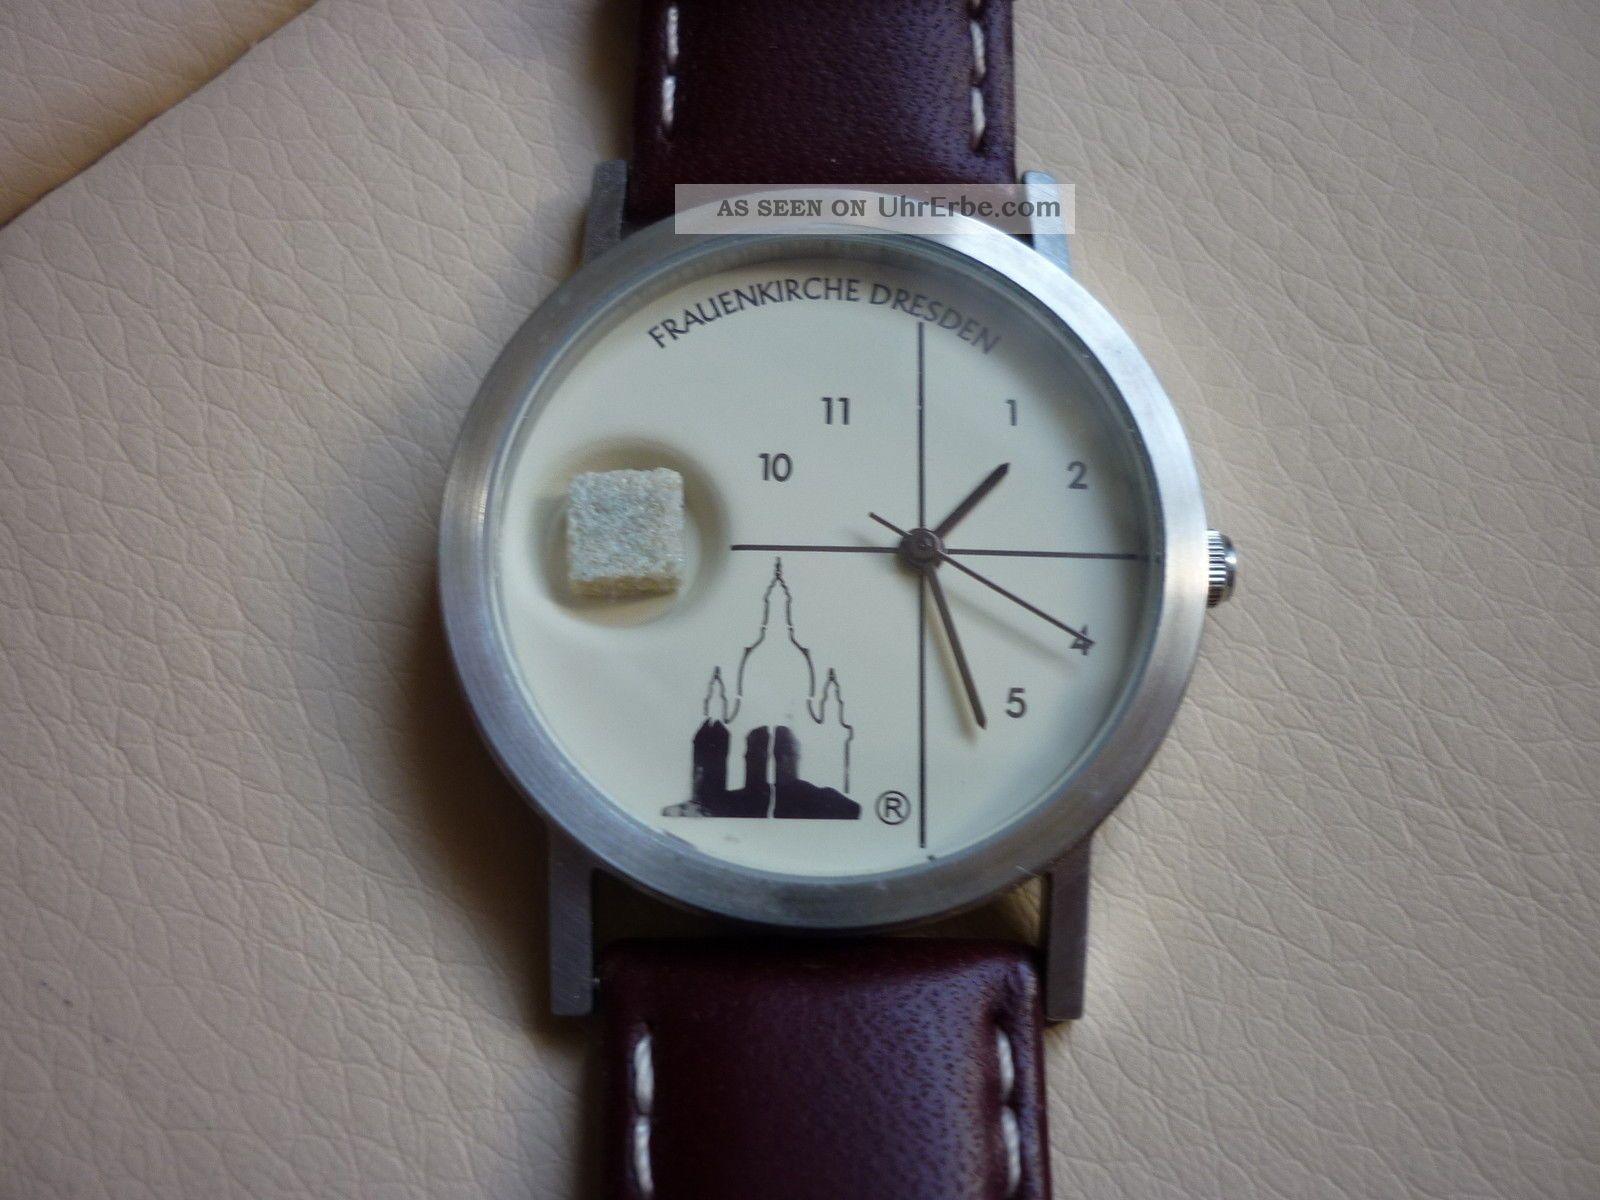 1 Dresdner Frauenkirche Uhr Armbanduhr Edtion 18 Armbanduhren Bild